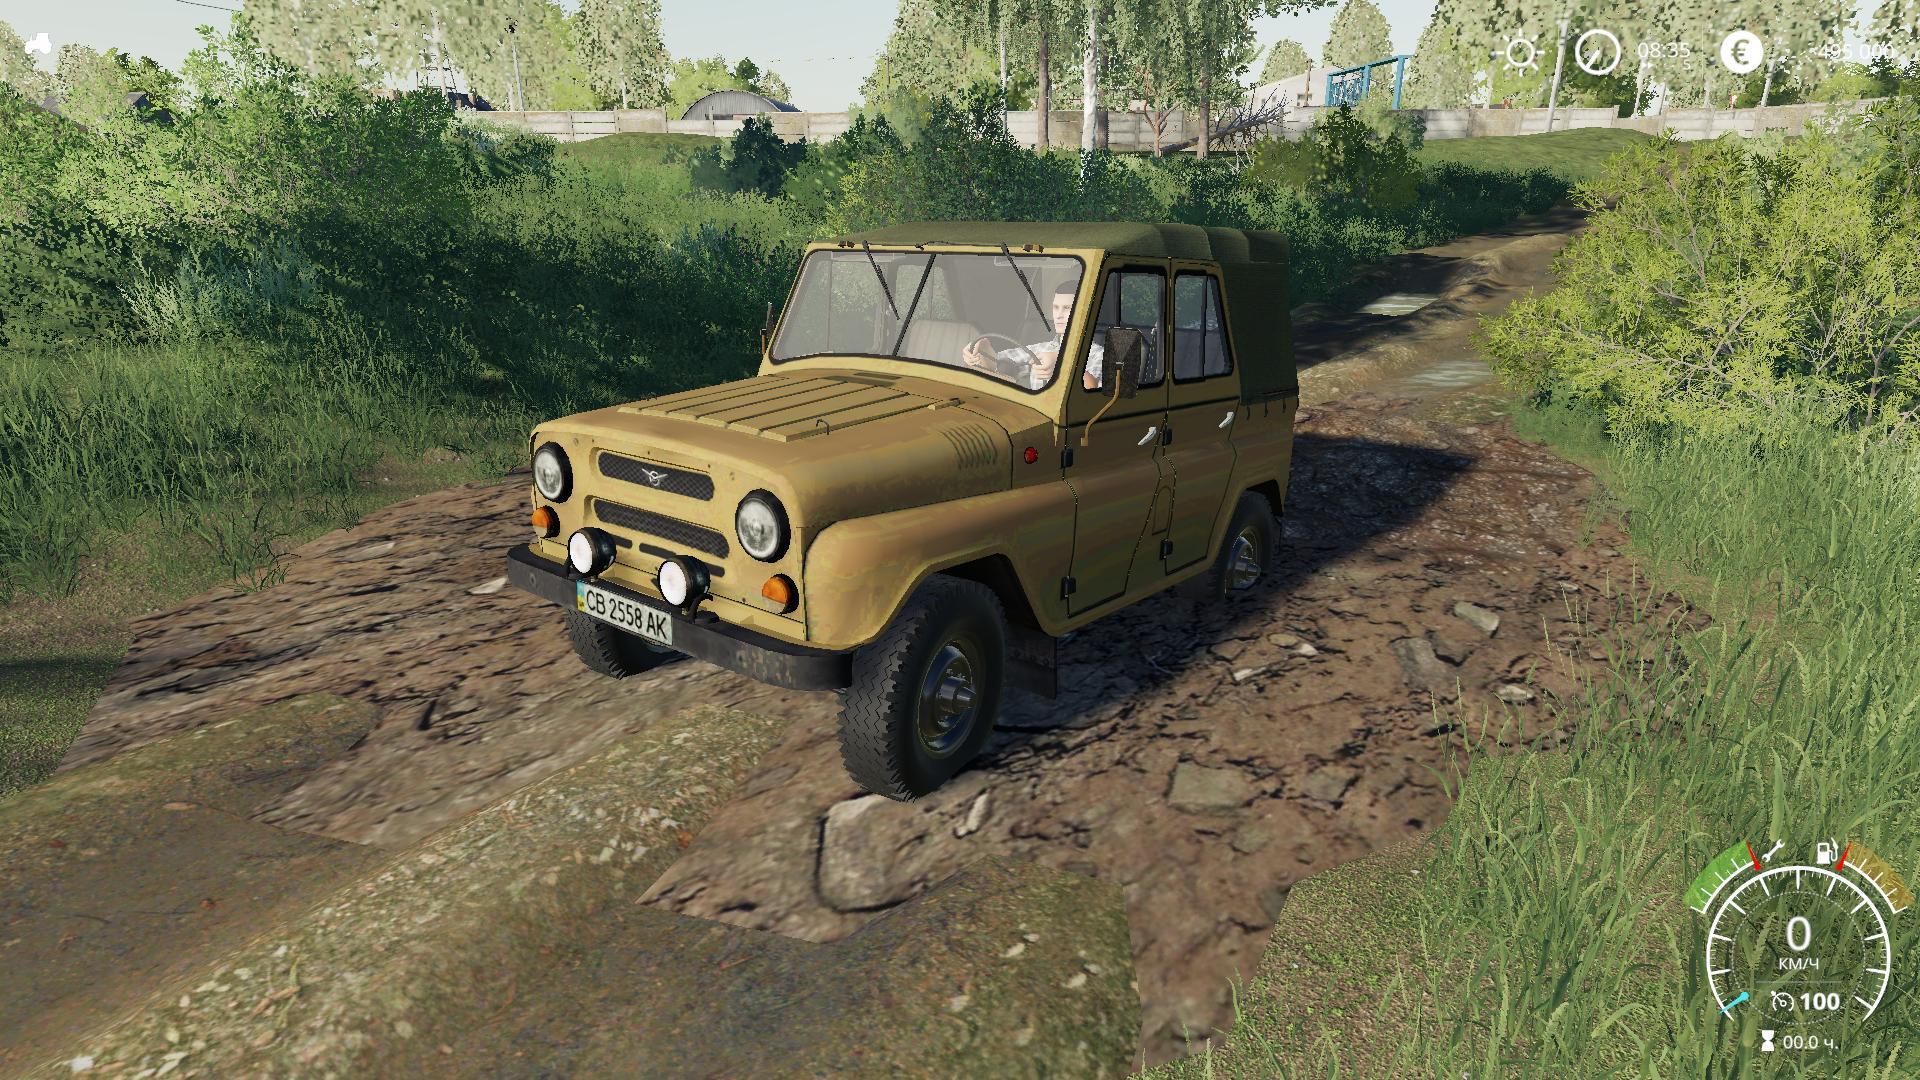 FS19 - Uaz 469 V2.0